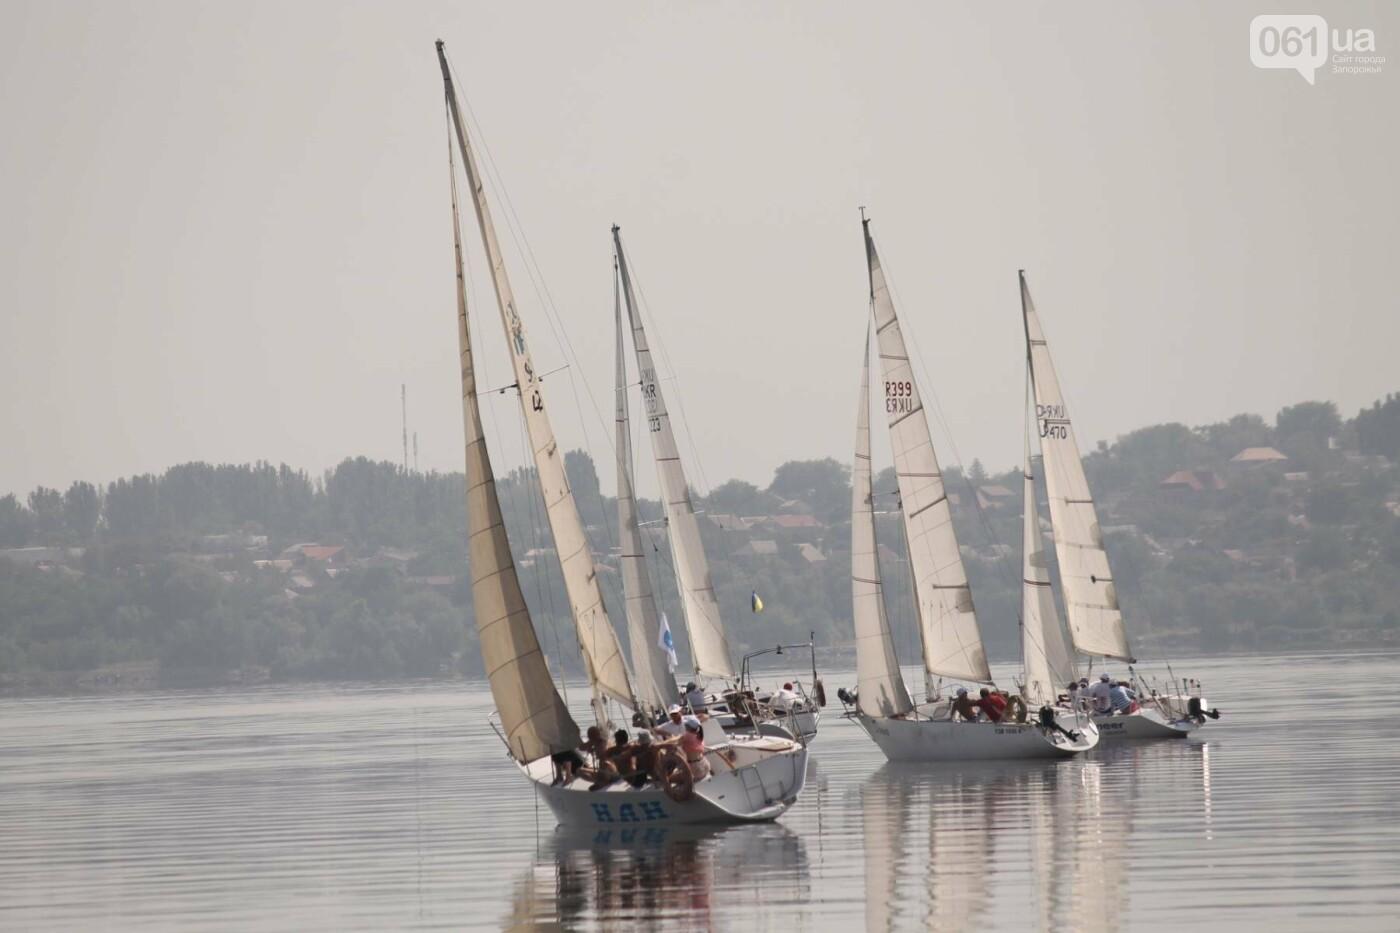 Сотни спортсменов и десятки яхт: как в Запорожье проходит парусная регата, – ФОТОРЕПОРТАЖ, фото-9